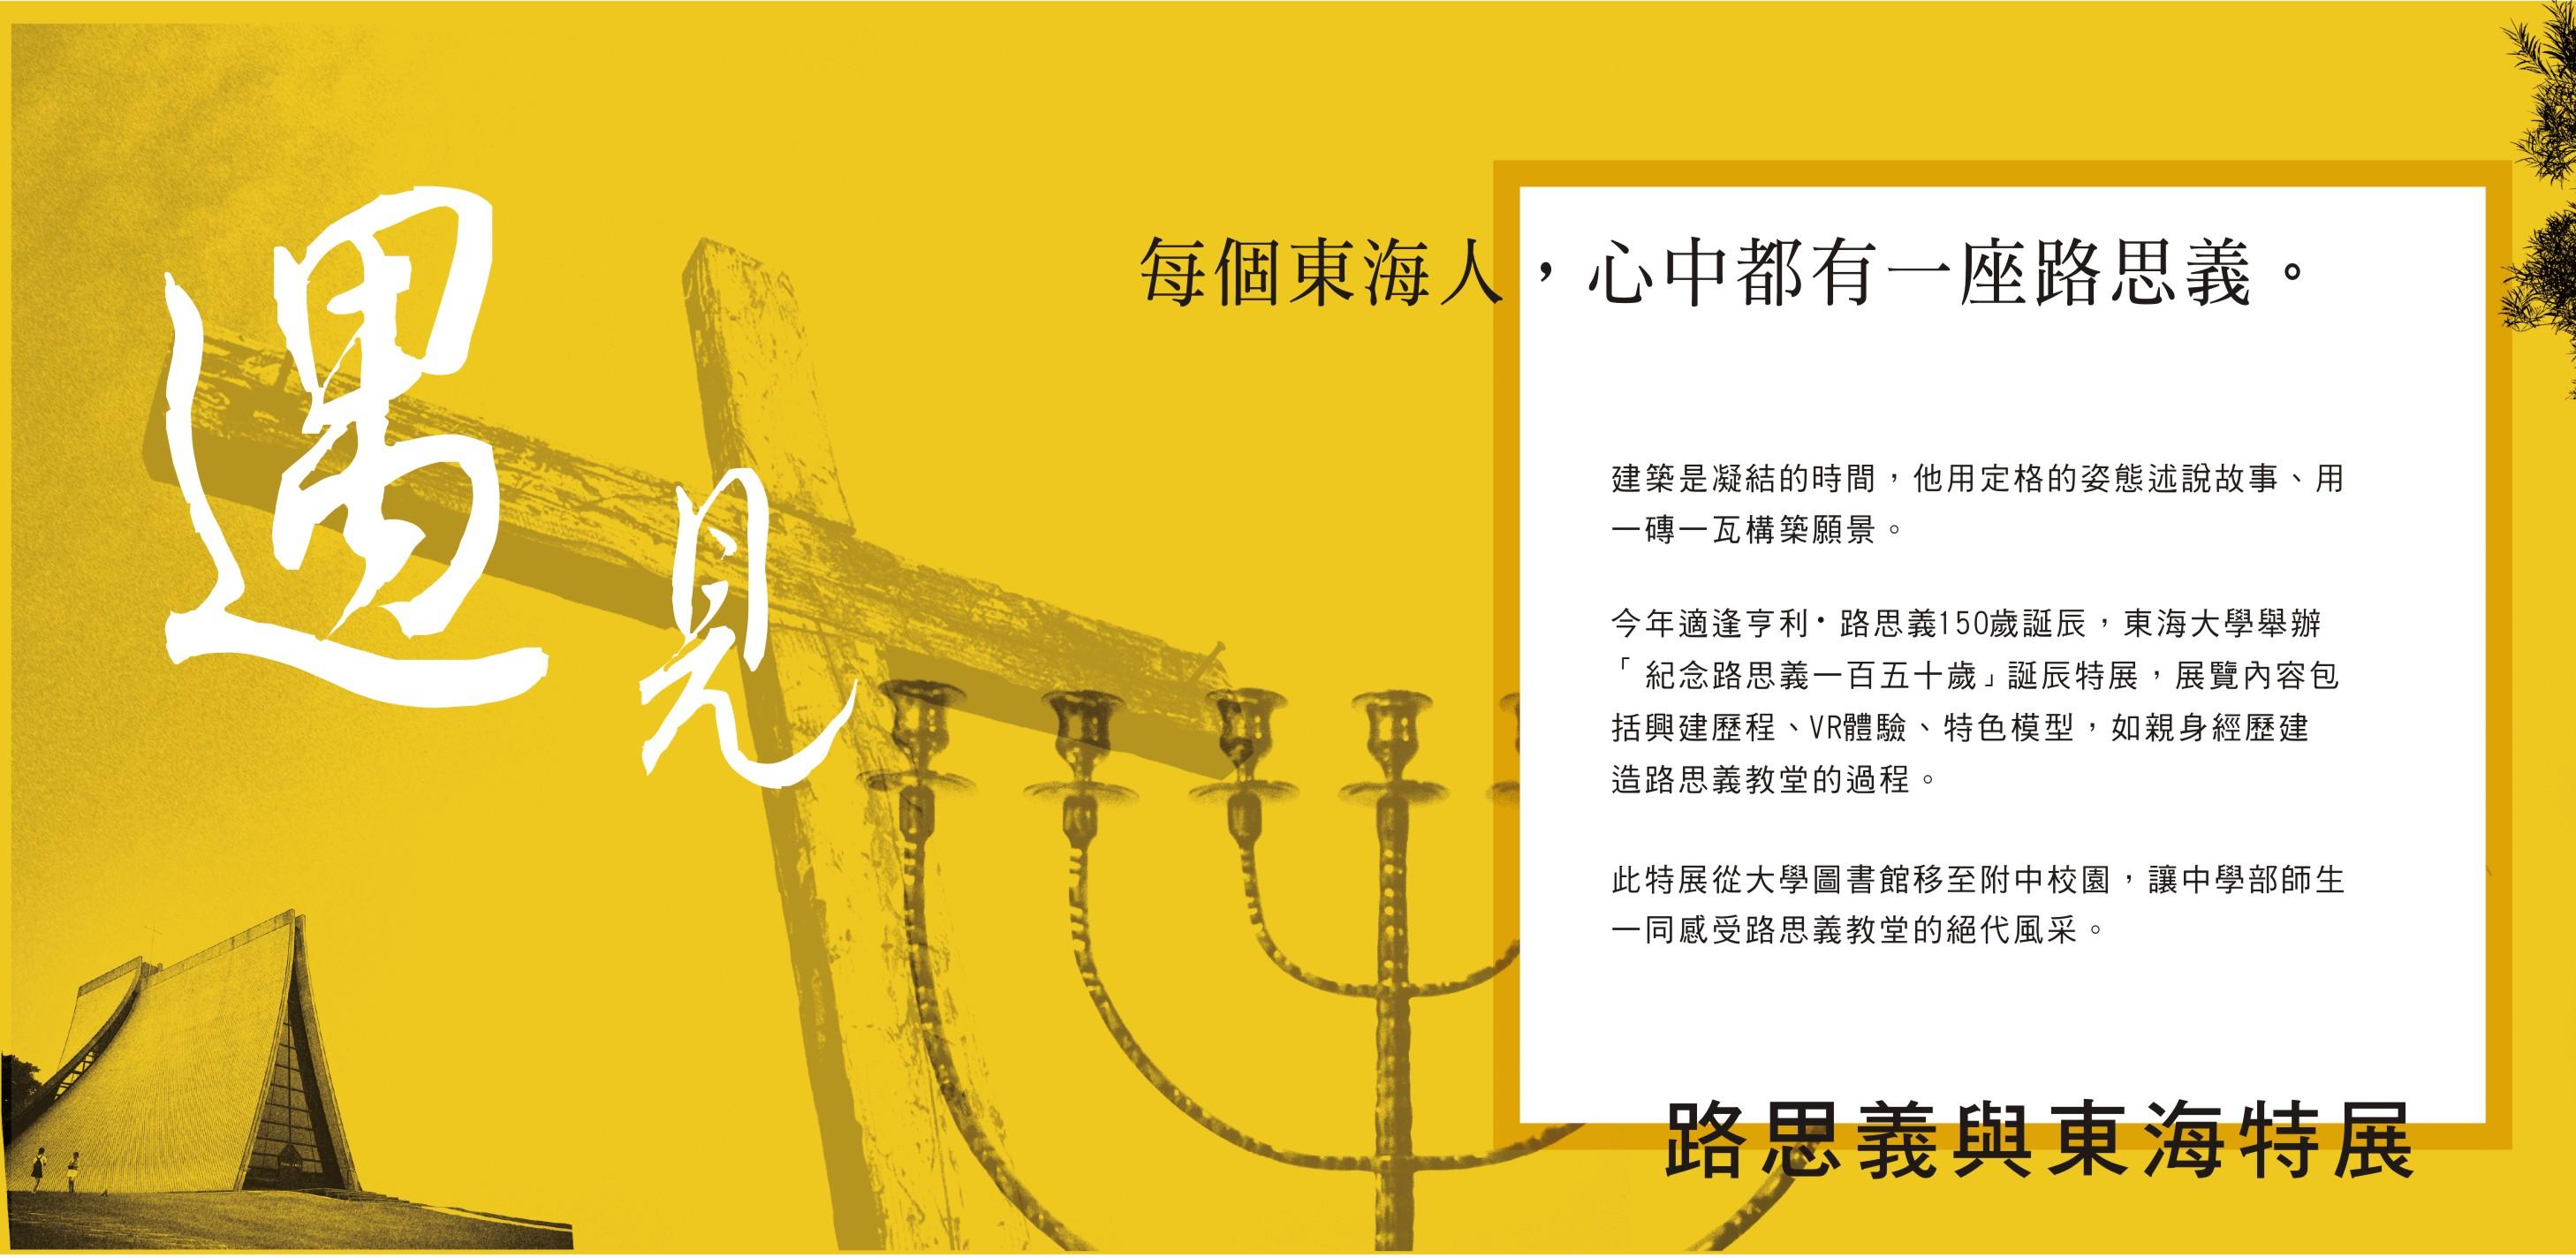 「遇見路思義與東海特展」12/5-12/28於本校展覽廳展出,歡迎蒞臨參觀指導。